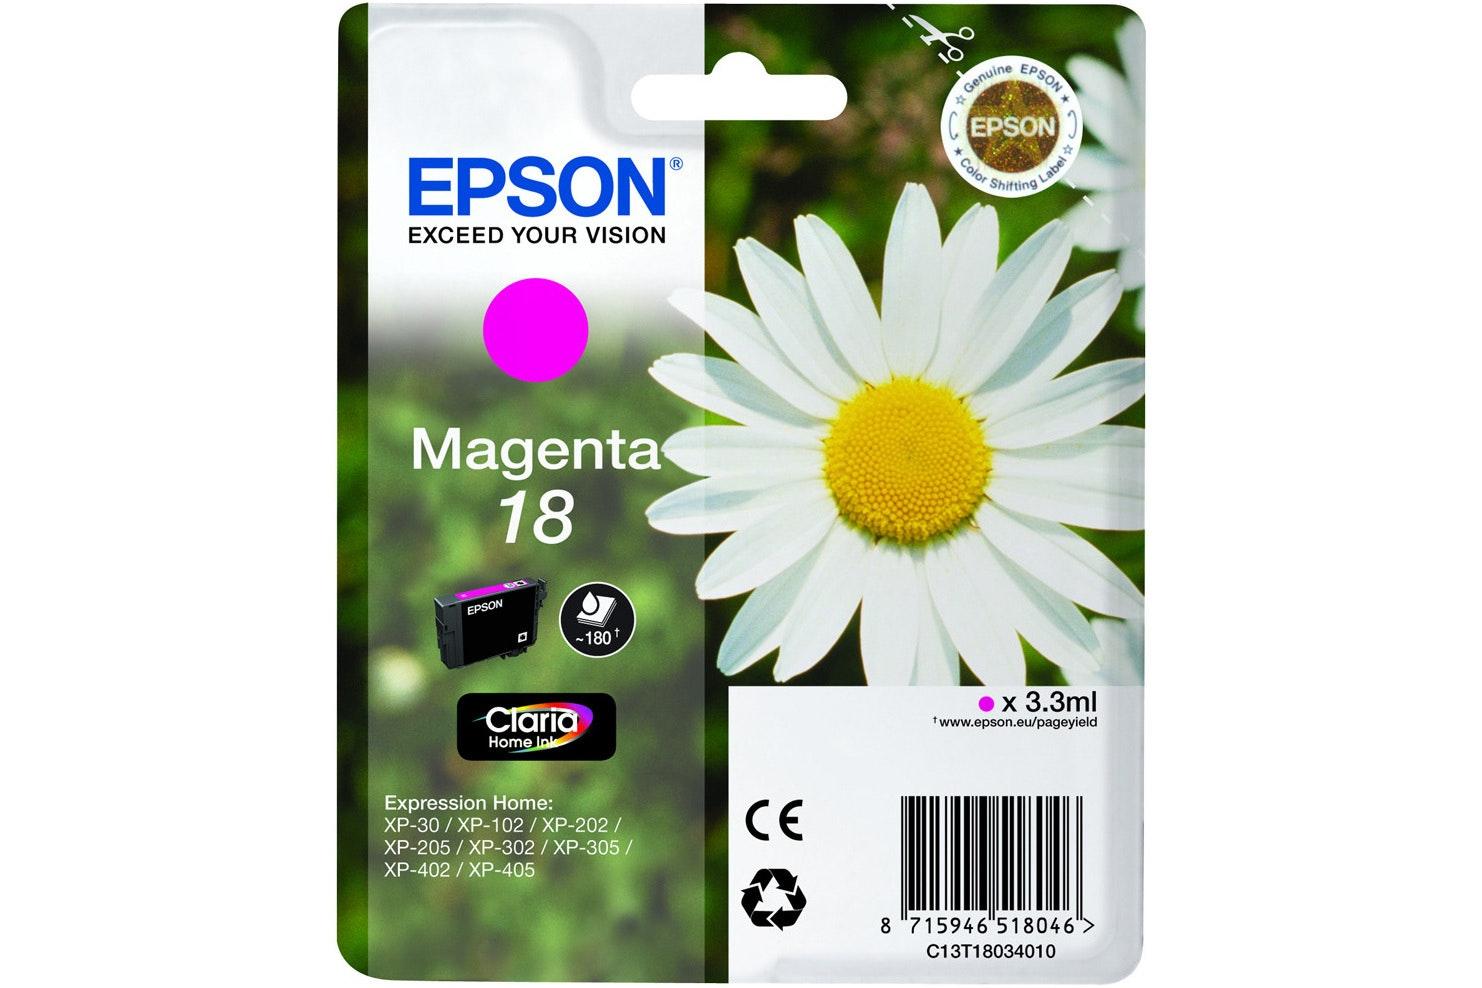 Epson Daisy Ink Magenta